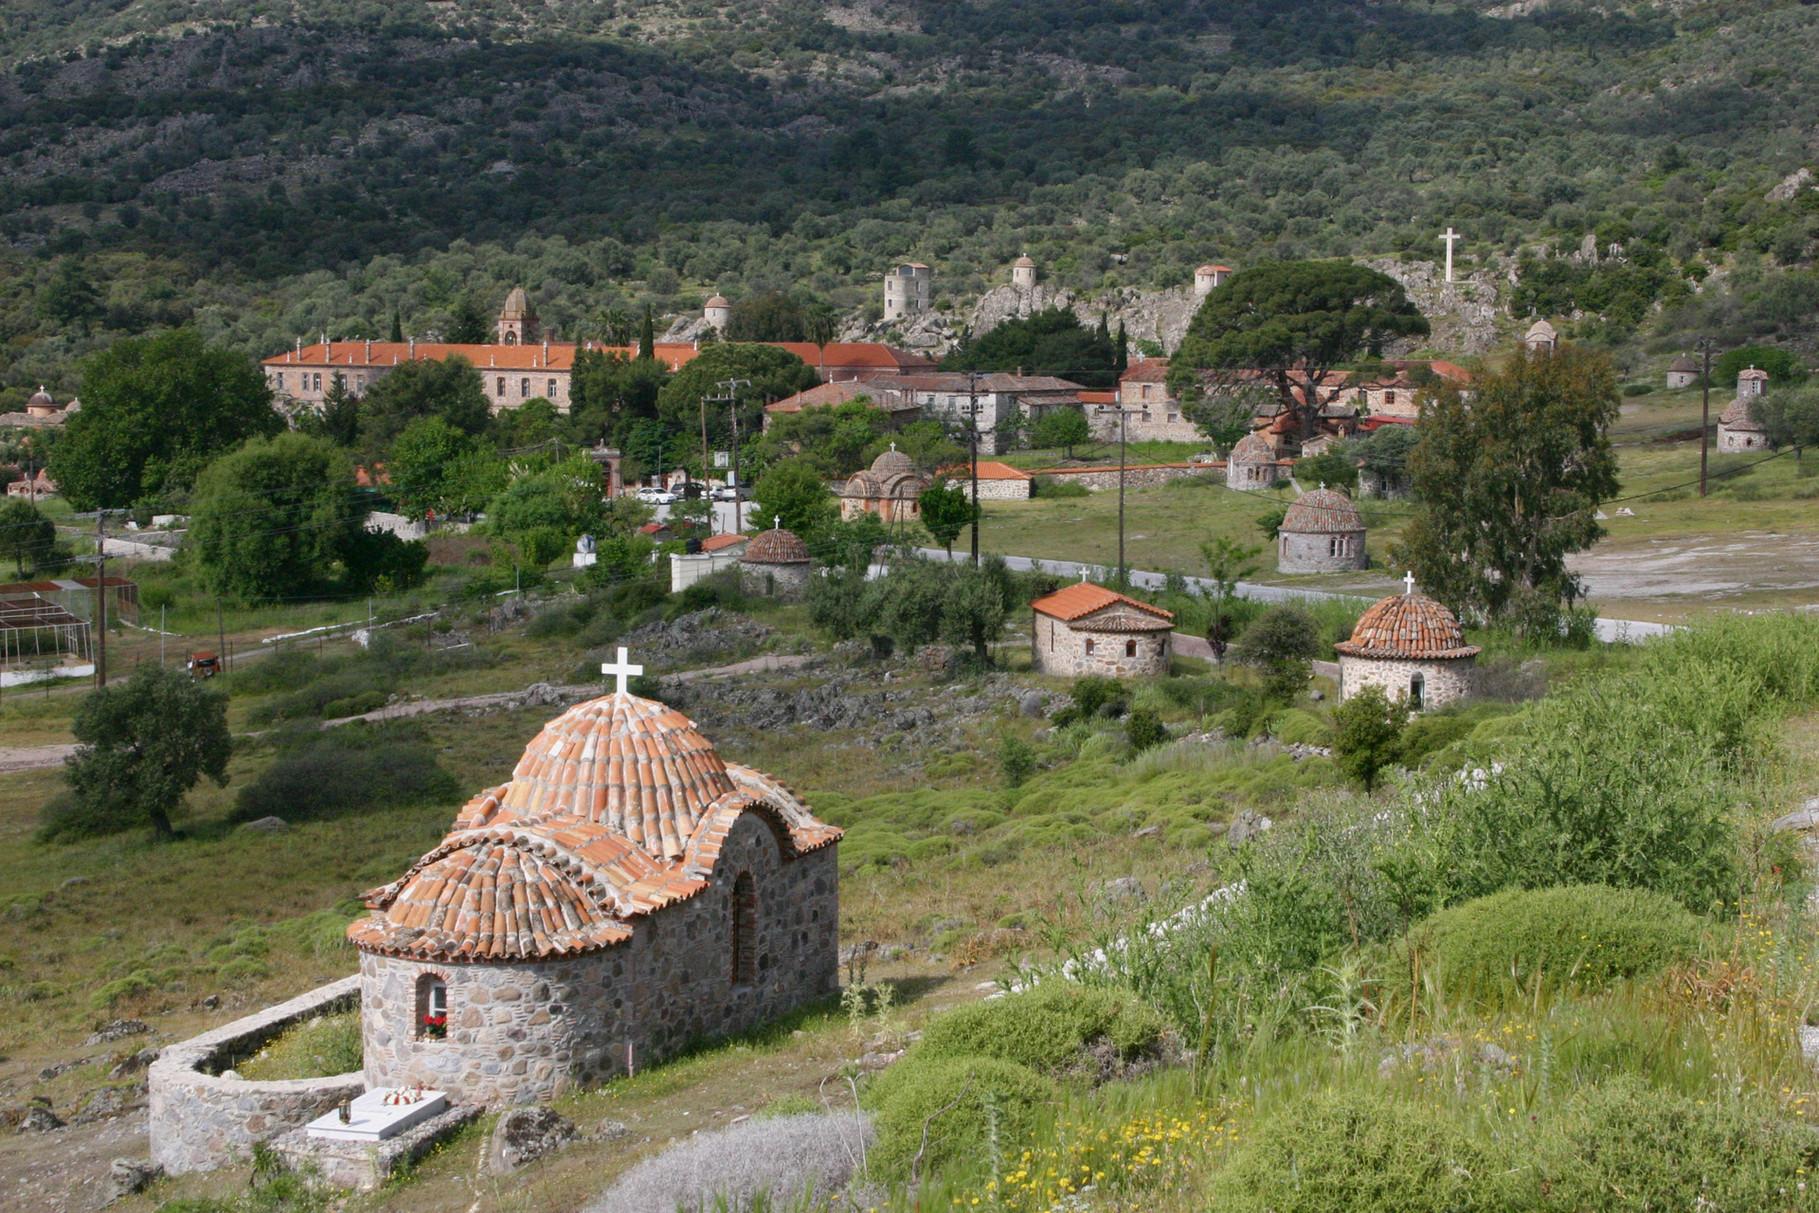 Auf dem Weg Richtung Flughafen: Klosteranlage von Limonos